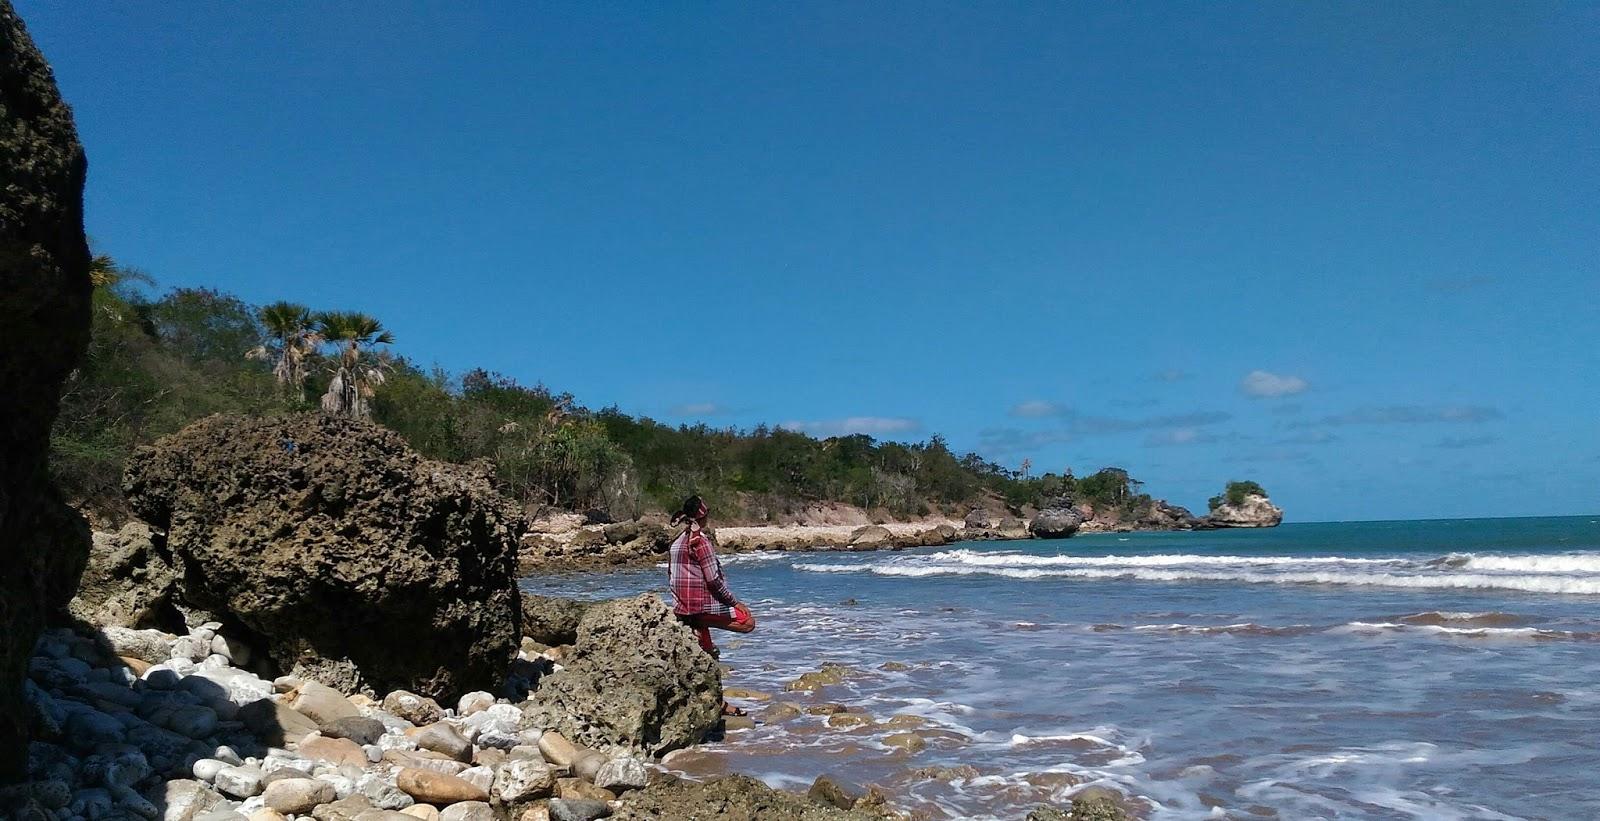 Arianto Ntt Pantai Batu Burung Kabupaten Kupang Pasir Panjang Kab